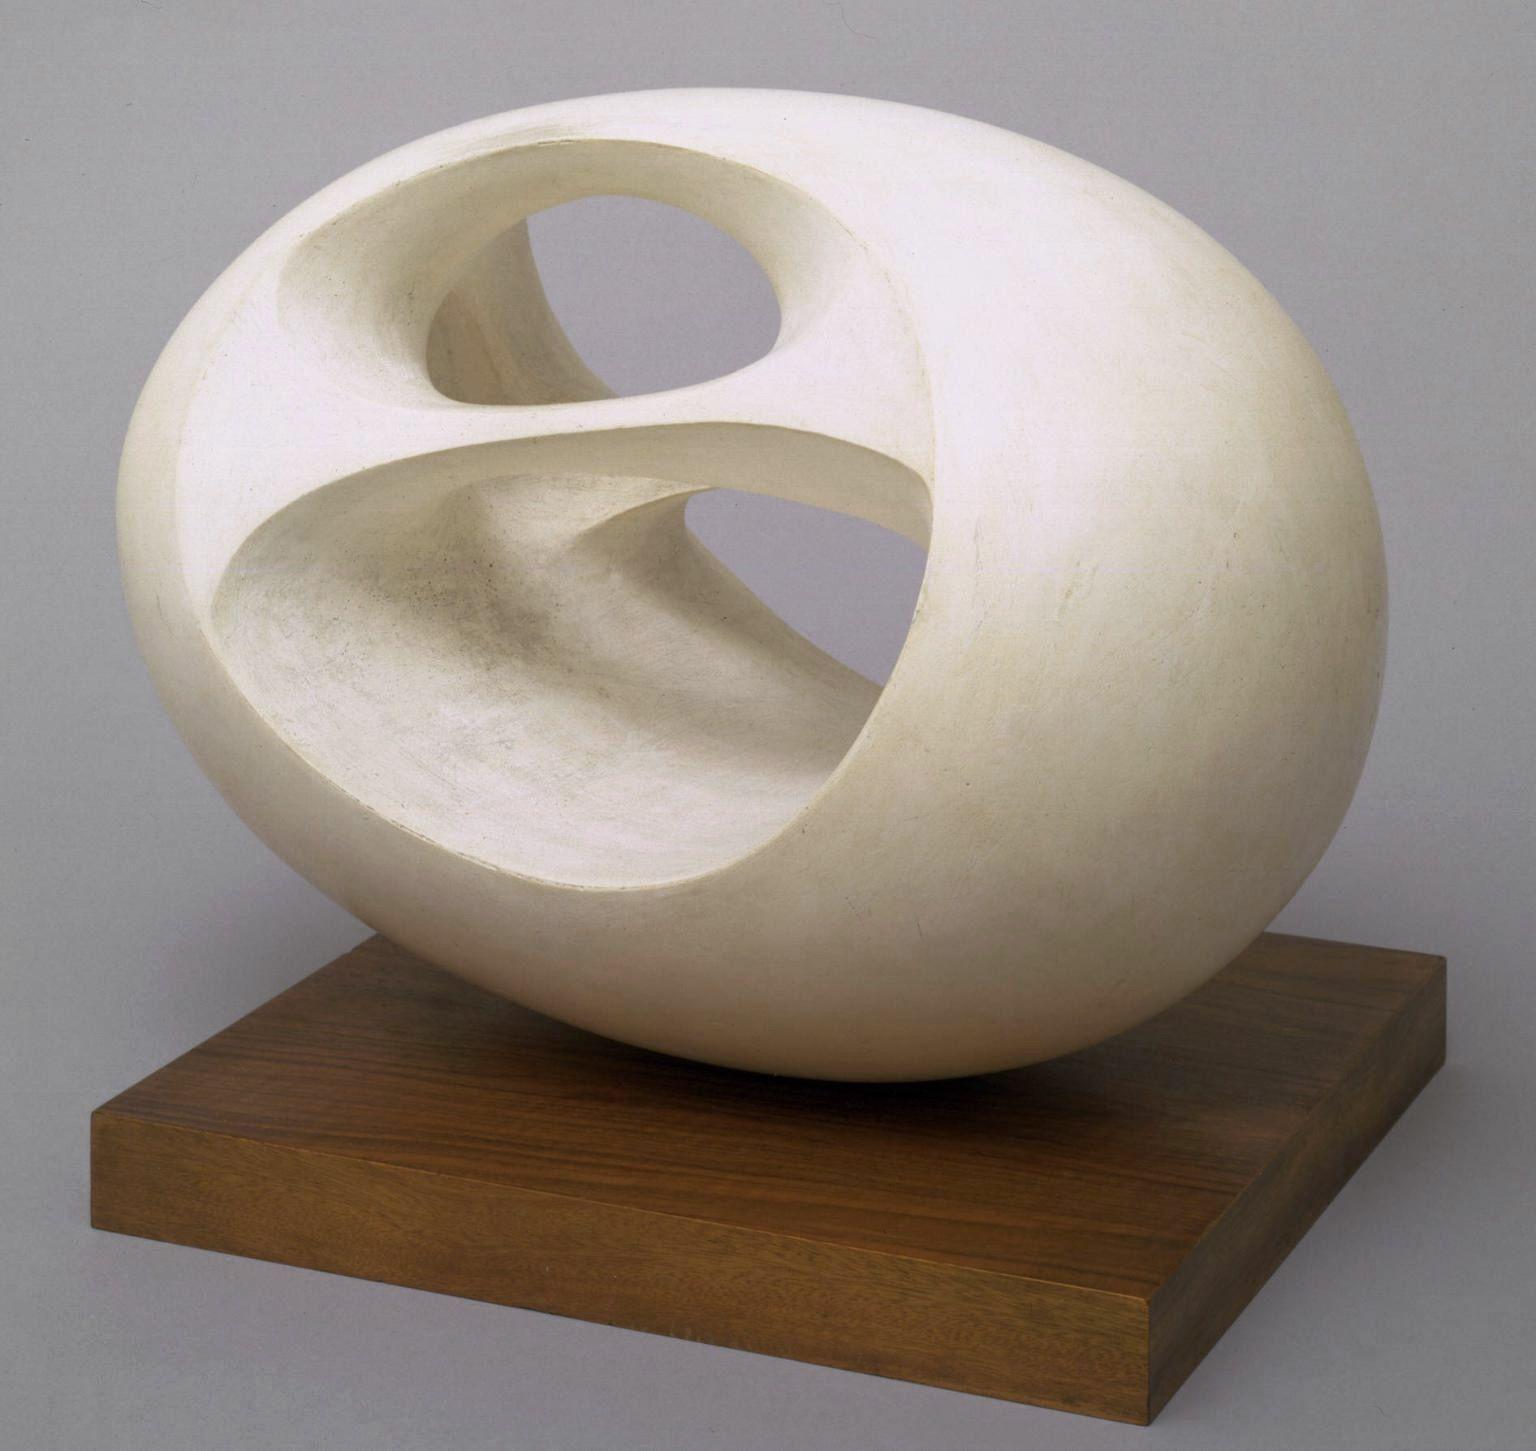 Sculpture art blart sculptures aimées pinterest sculpture